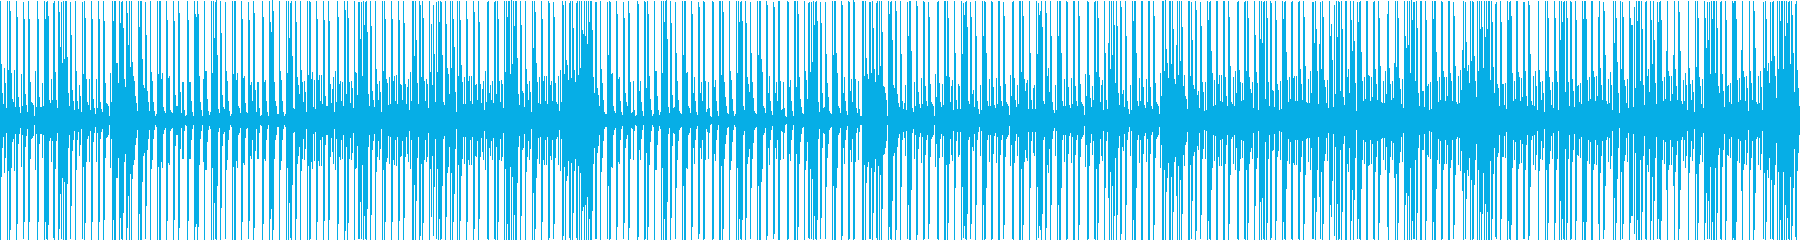 BPM119の生音ドラムソロの再生済みの波形